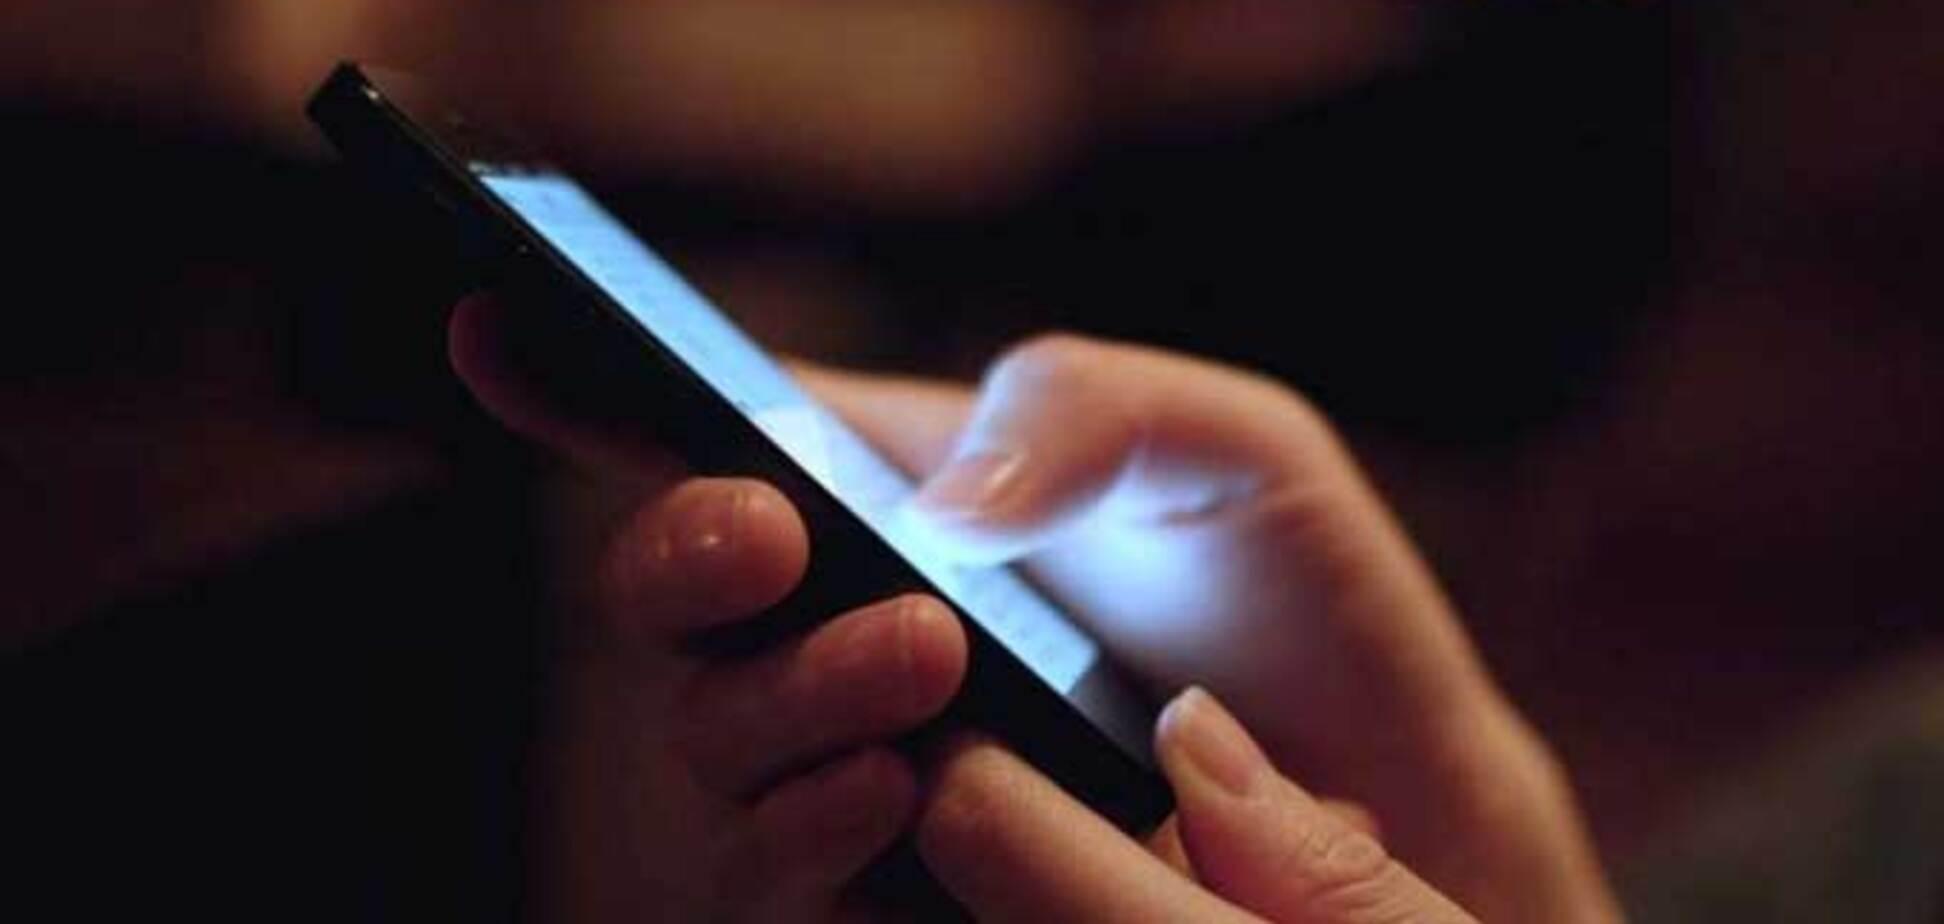 Мобильная связь ДНР